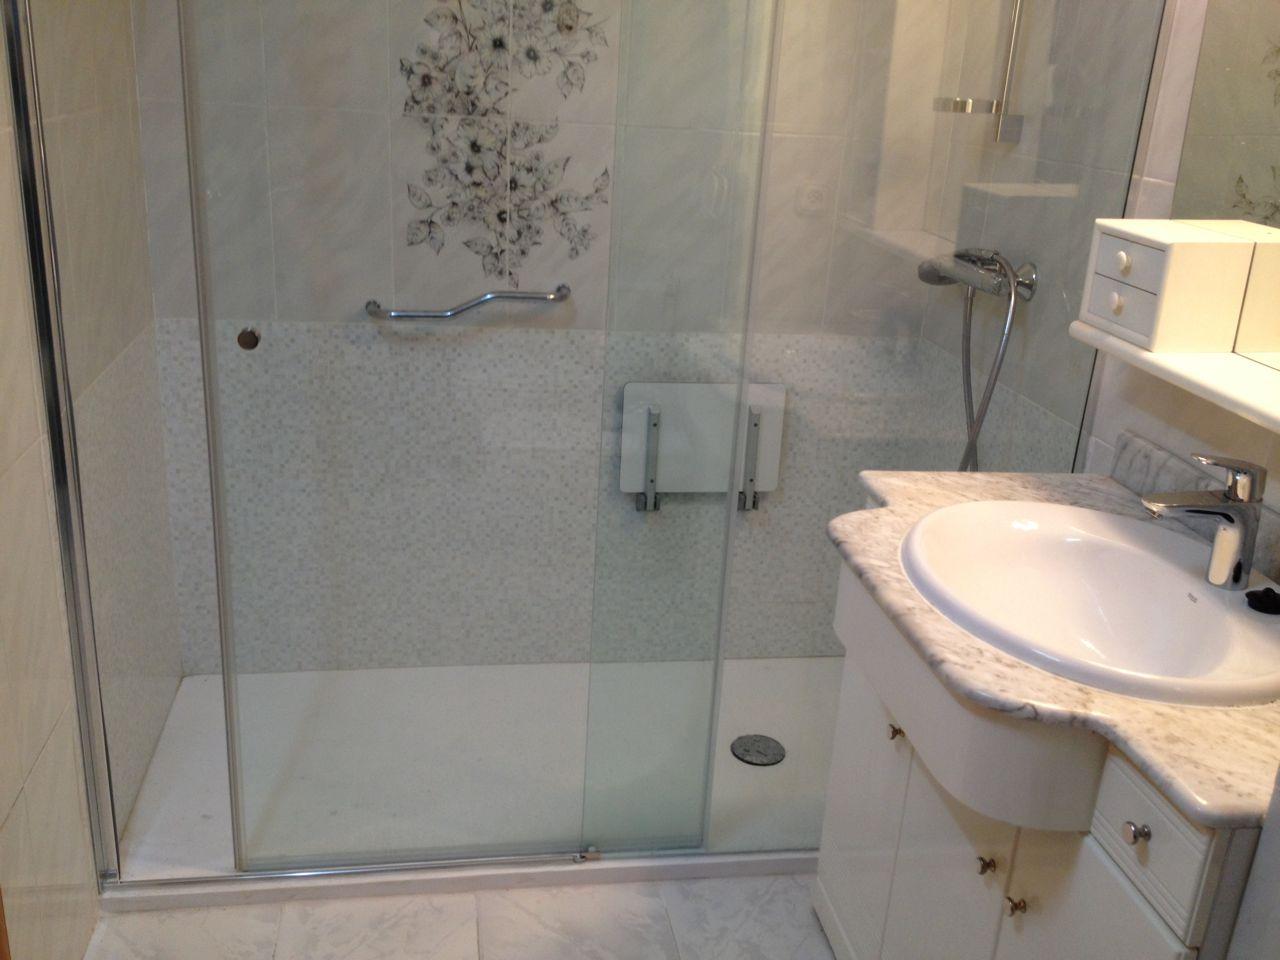 Cambio de ba era por ducha c avenida gasteiz instal lux - Banera o plato de ducha ...